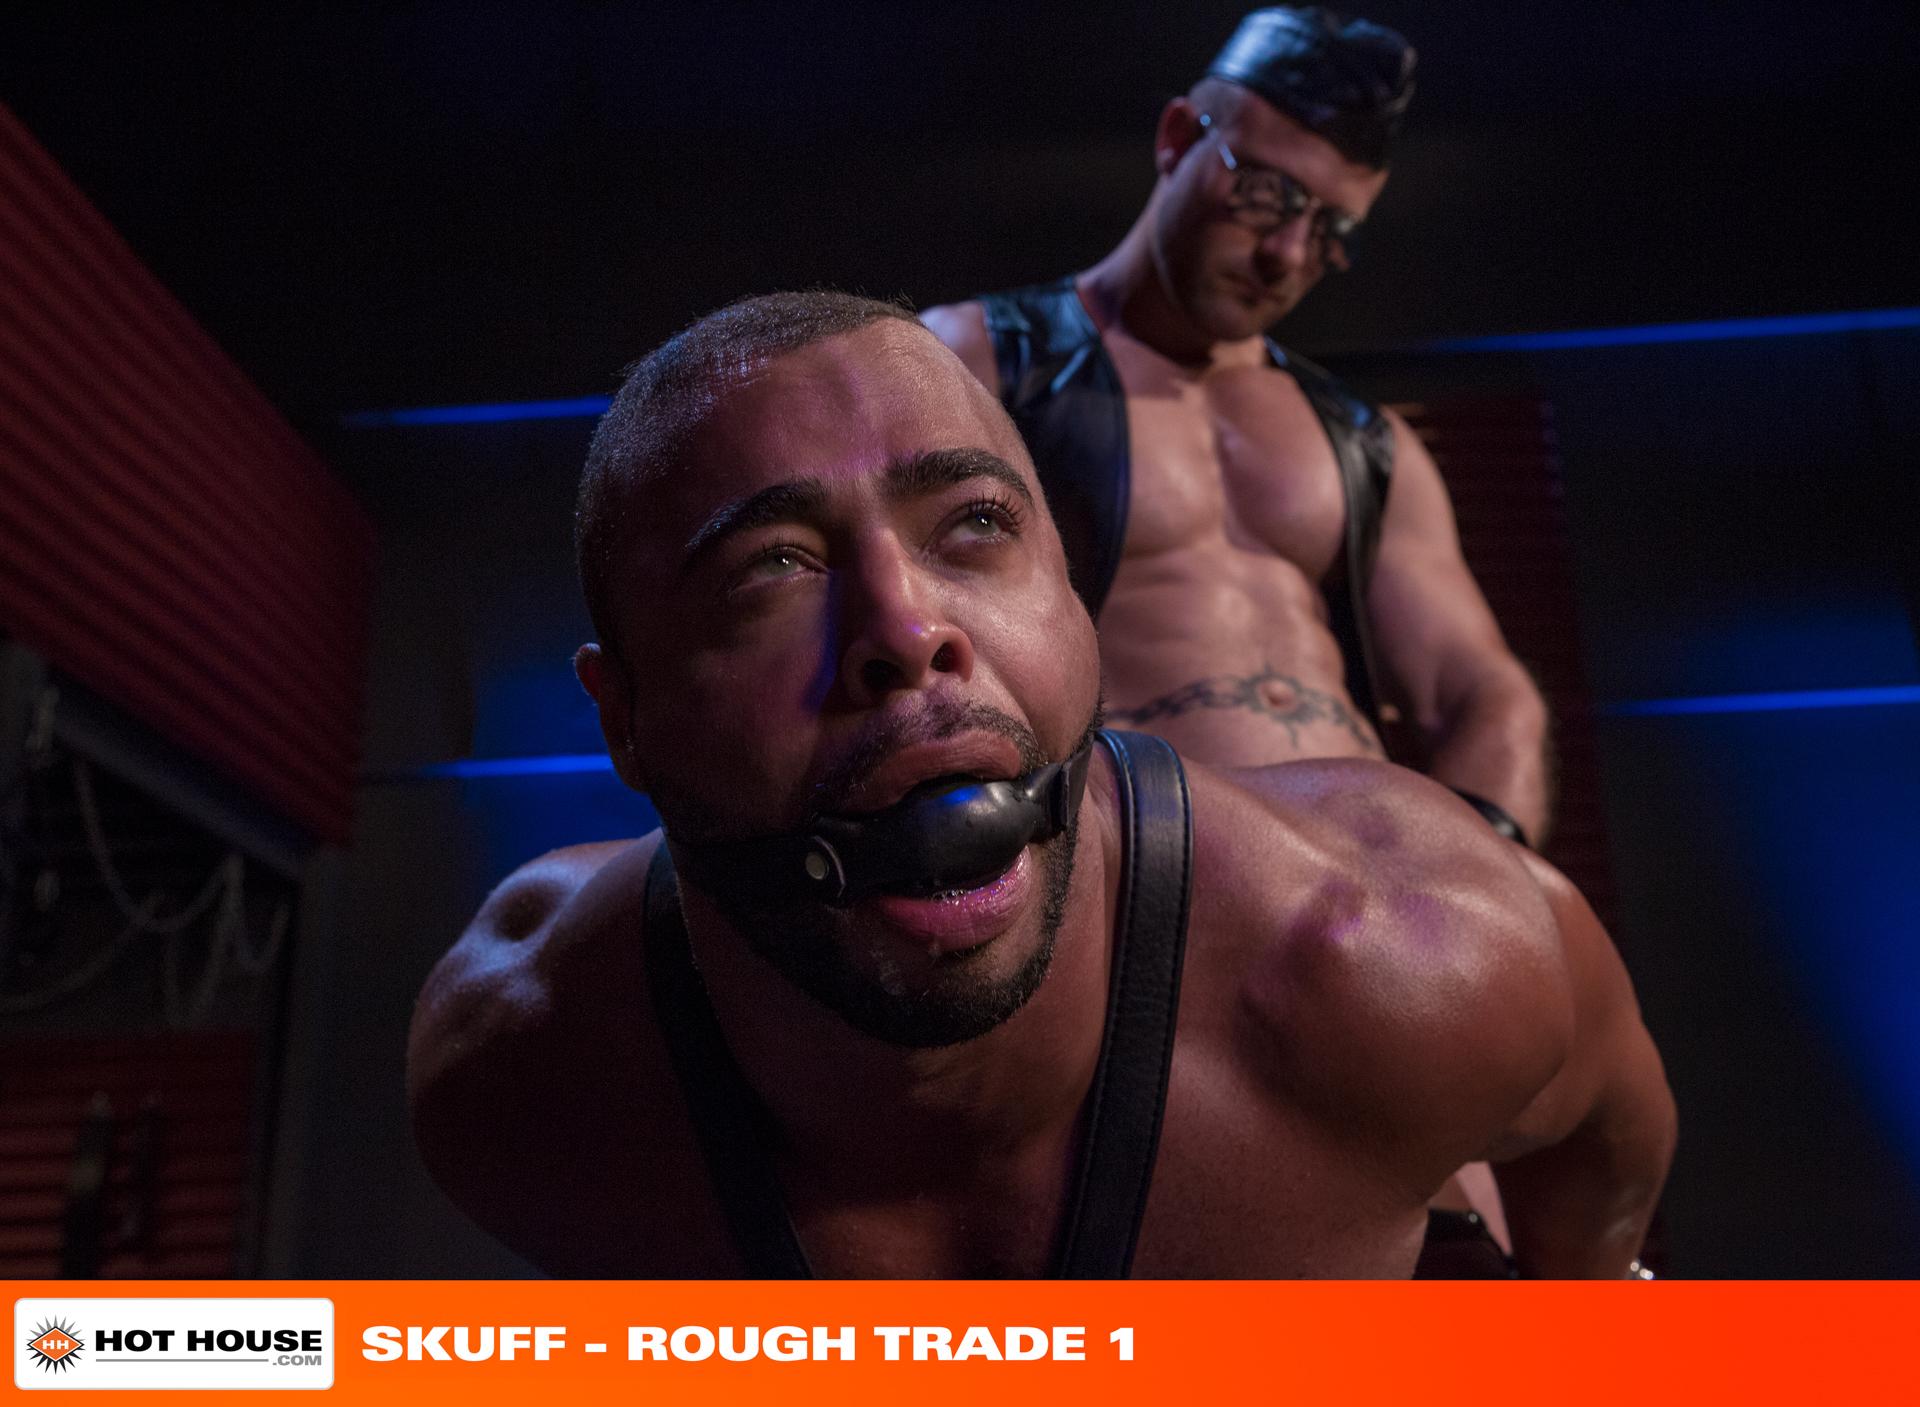 skuff rough trade 1 scene 01